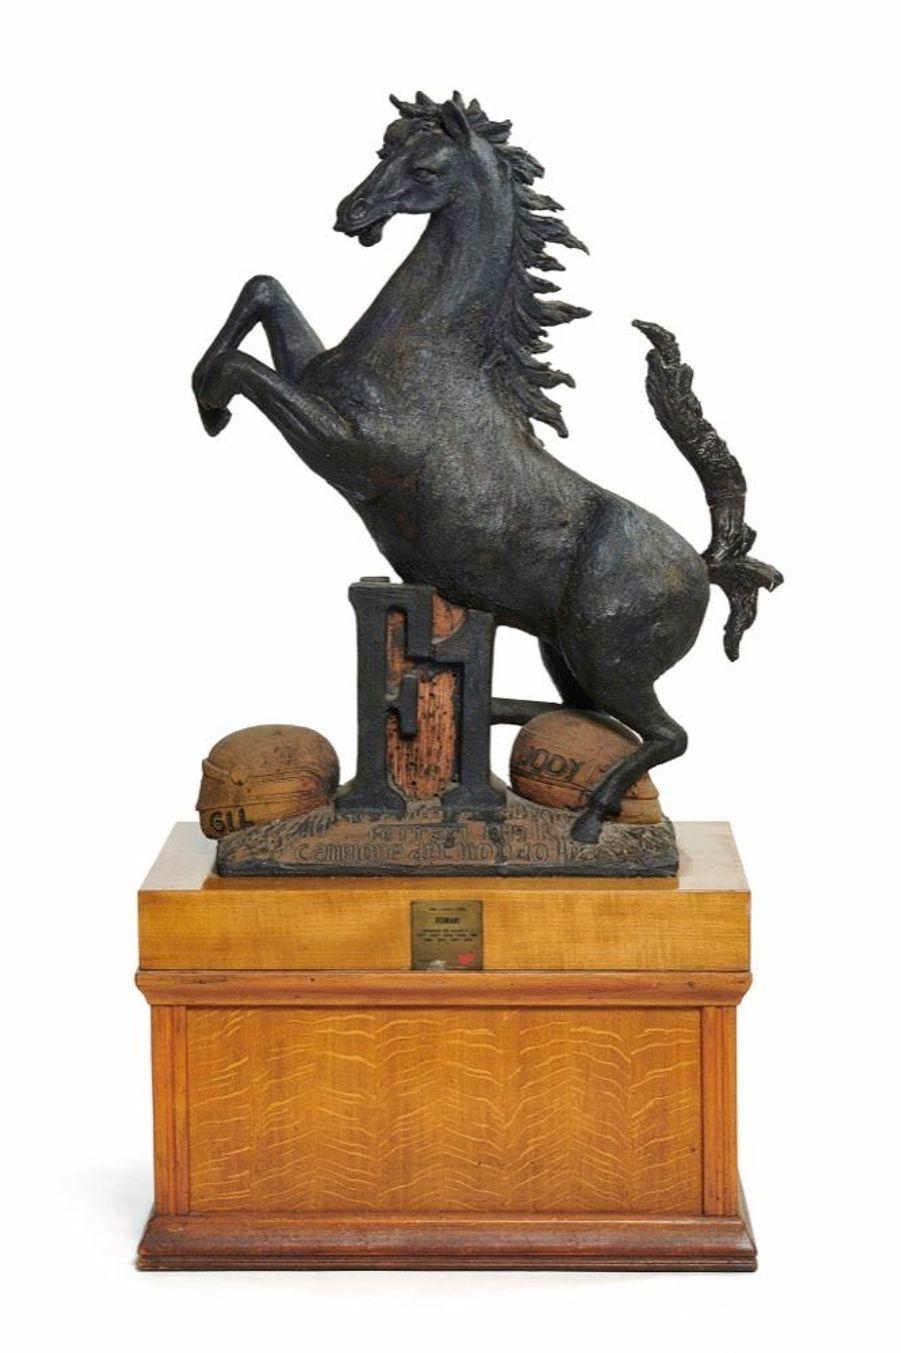 « Puis cette petite sculpture de terre cuite symbolisant Il Cavallino Rampante [le cheval cabré] et qui trônait à l'accueil du restaurant depuis 1979 (lot 3). C'est plus pour le souvenir et l'histoire qu'elle a vu défiler que pour sa valeur intrinsèque. Pour les nostalgiques. » Estimation : 5 000-8 000 €.